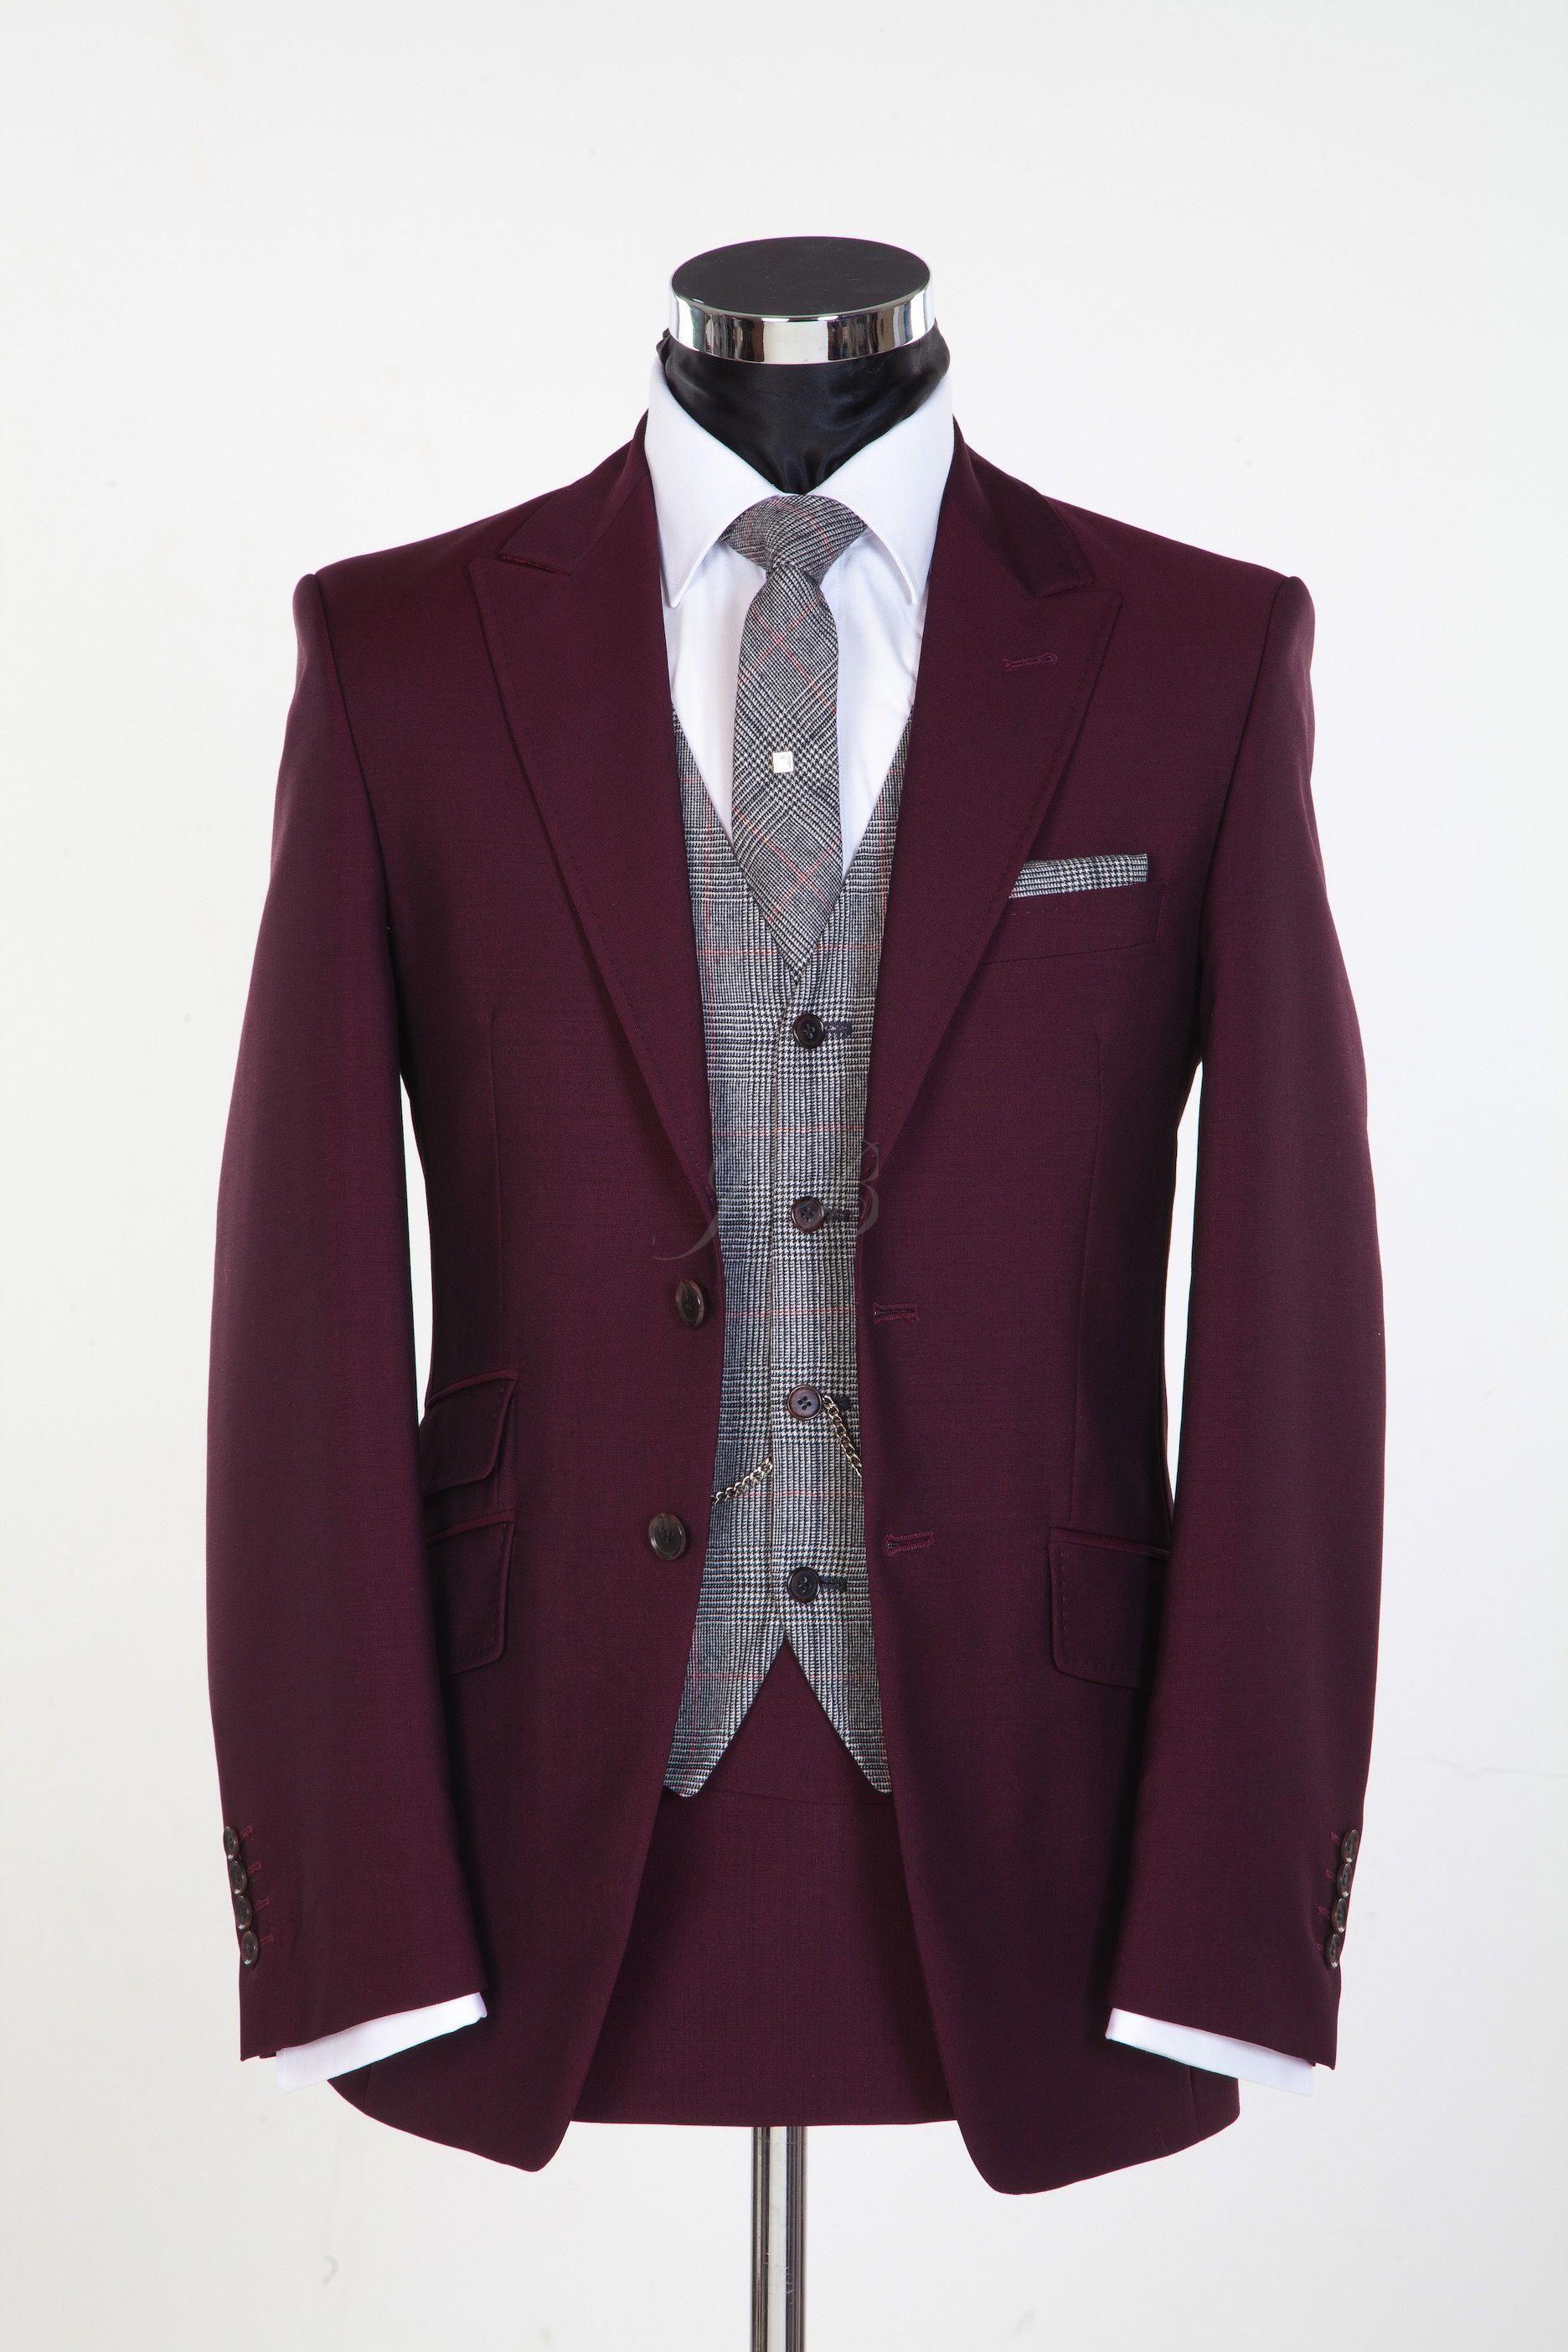 burgundy vintage style wedding suit in 2019 Burgundy